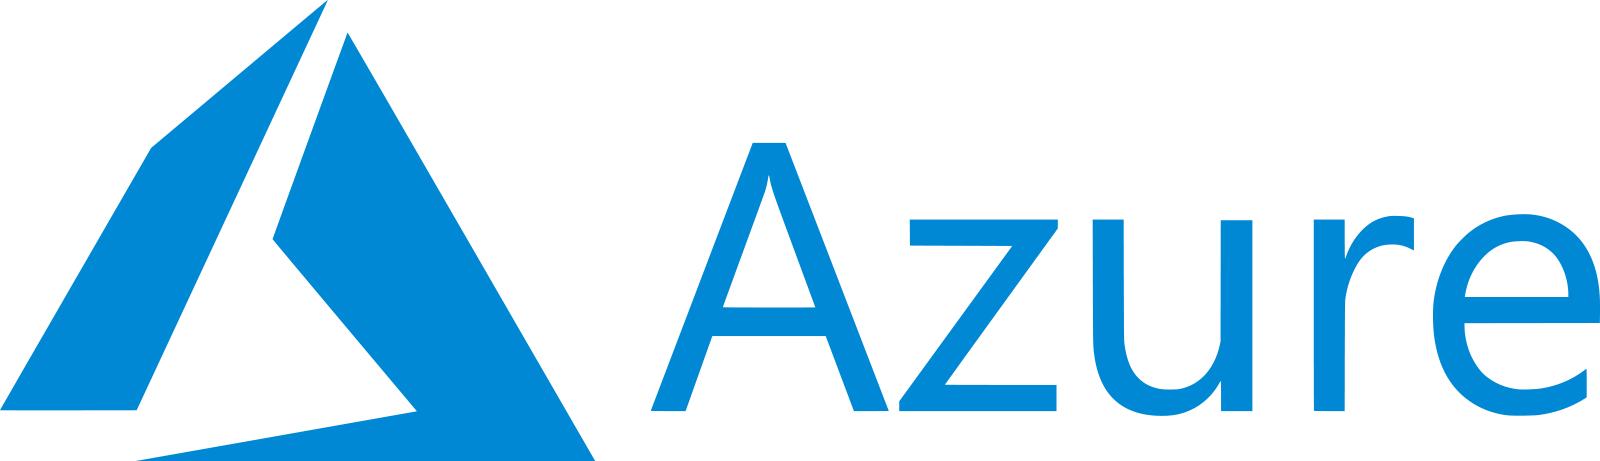 logo van Azure